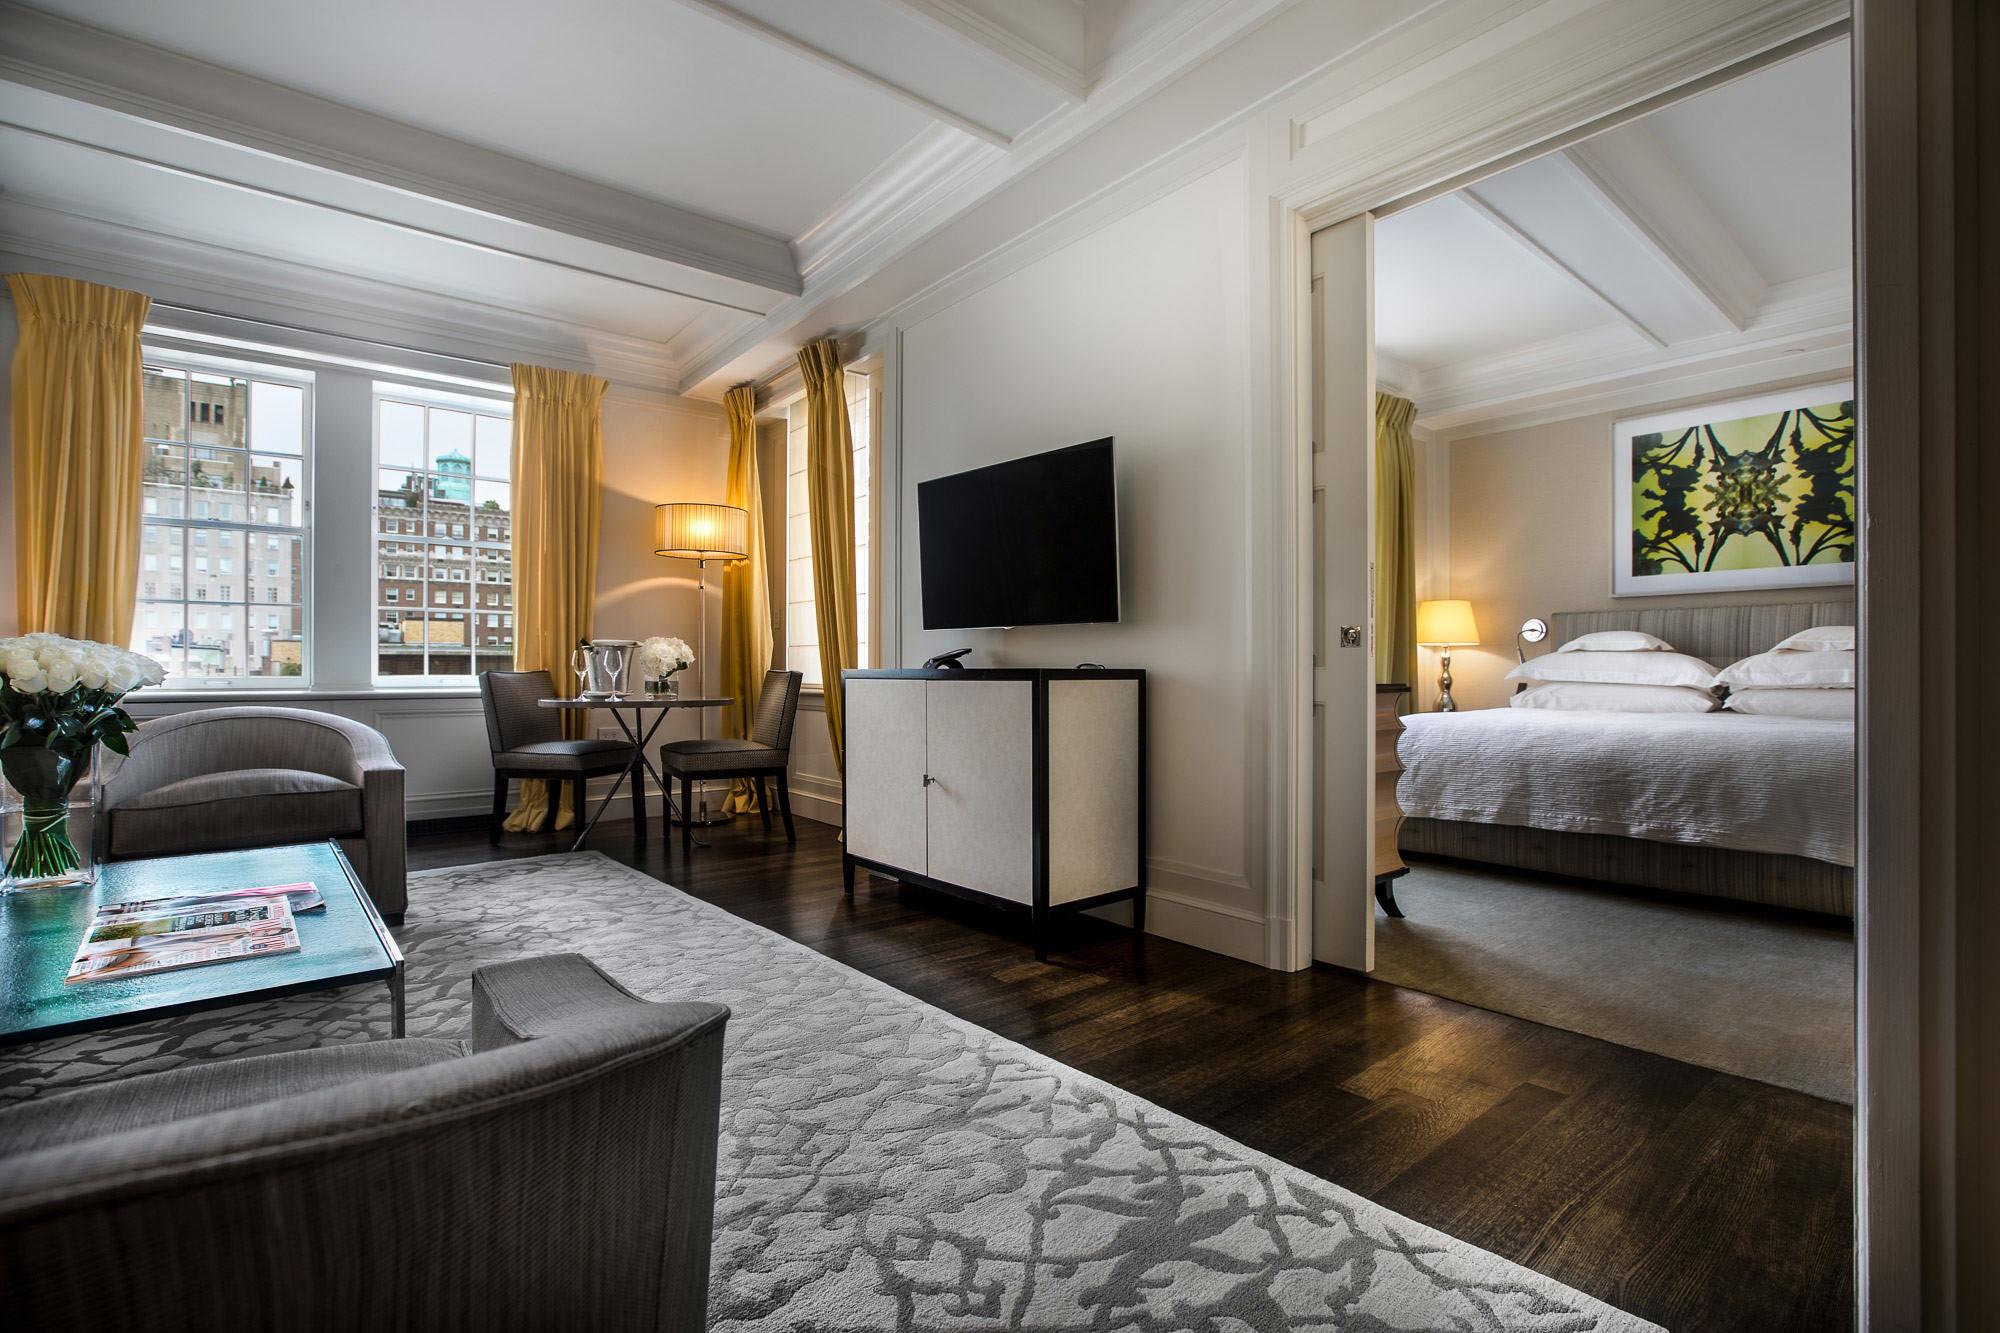 3 bedroom hotel suites new york city. 3 bedroom hotel suites in new york. luxury hotels york city .